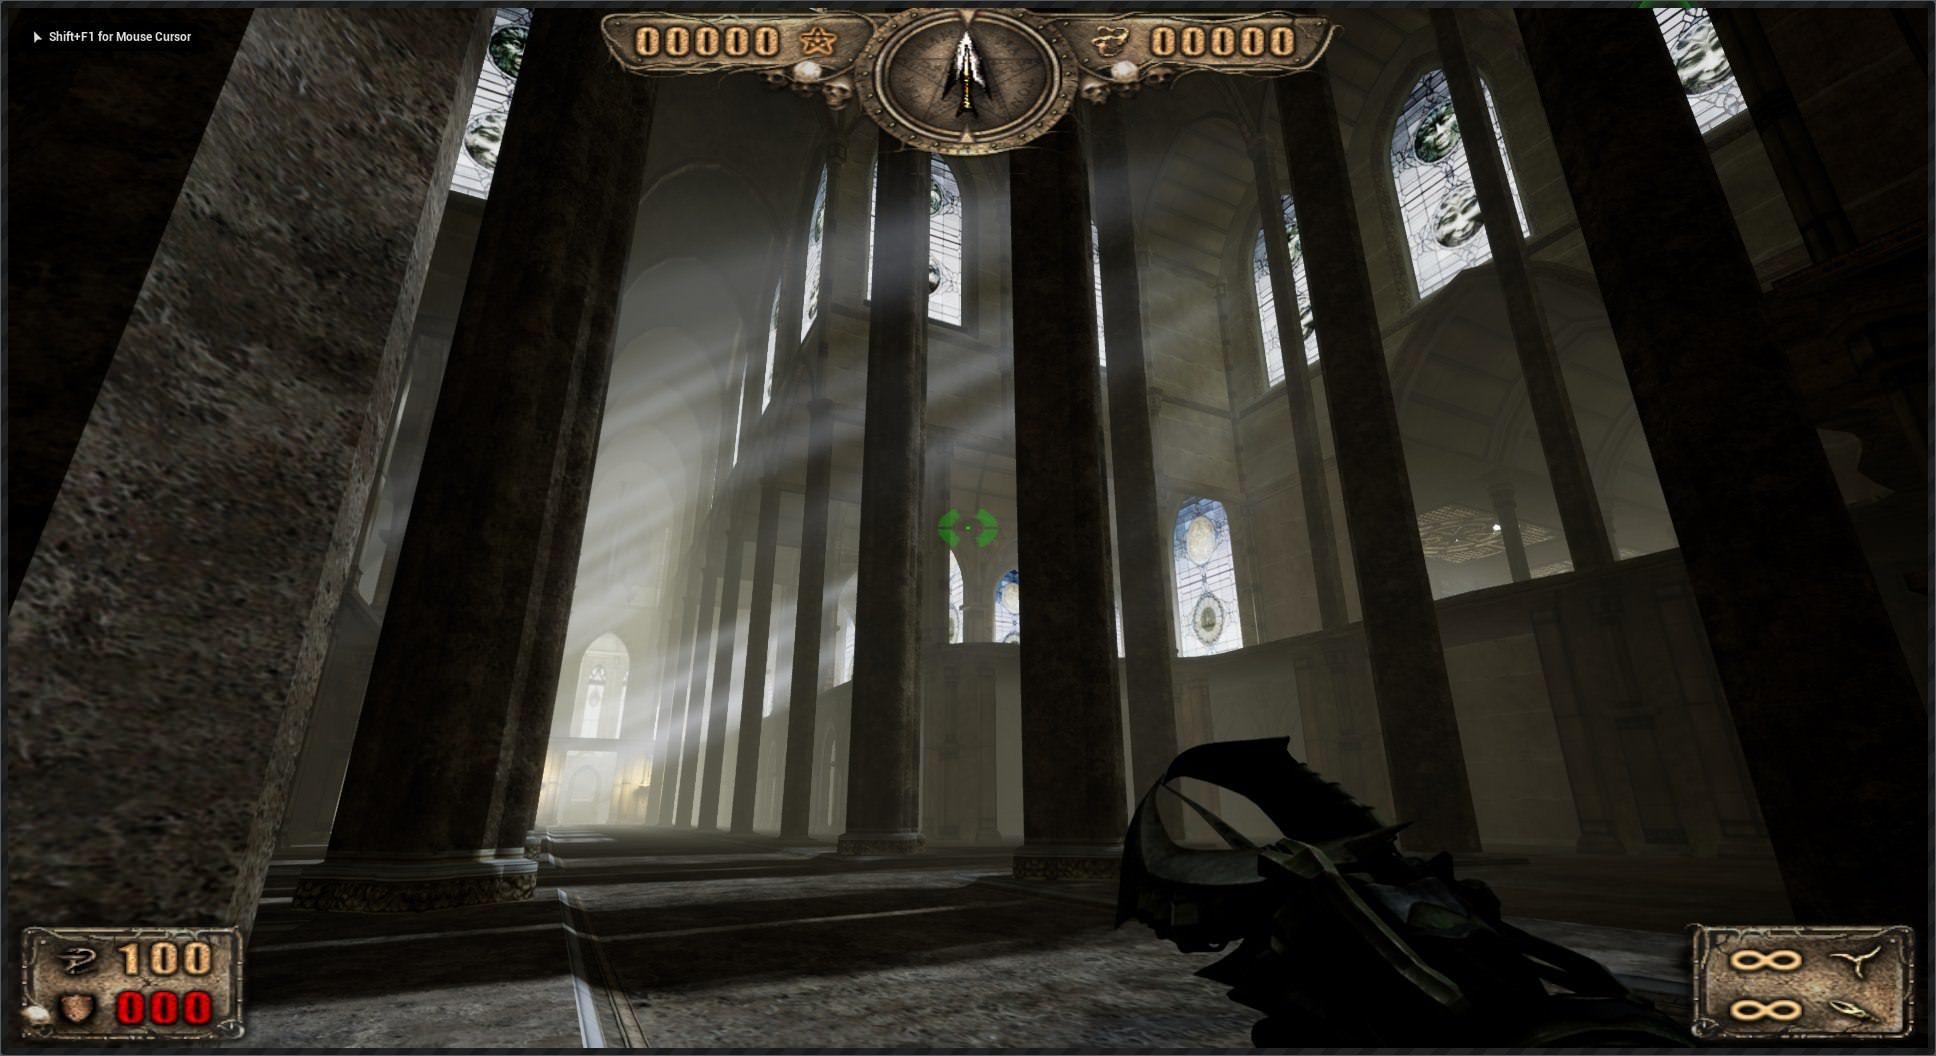 Popüler seri Painkiller'ın ilk oyunu Unreal Engine 4'e taşındı